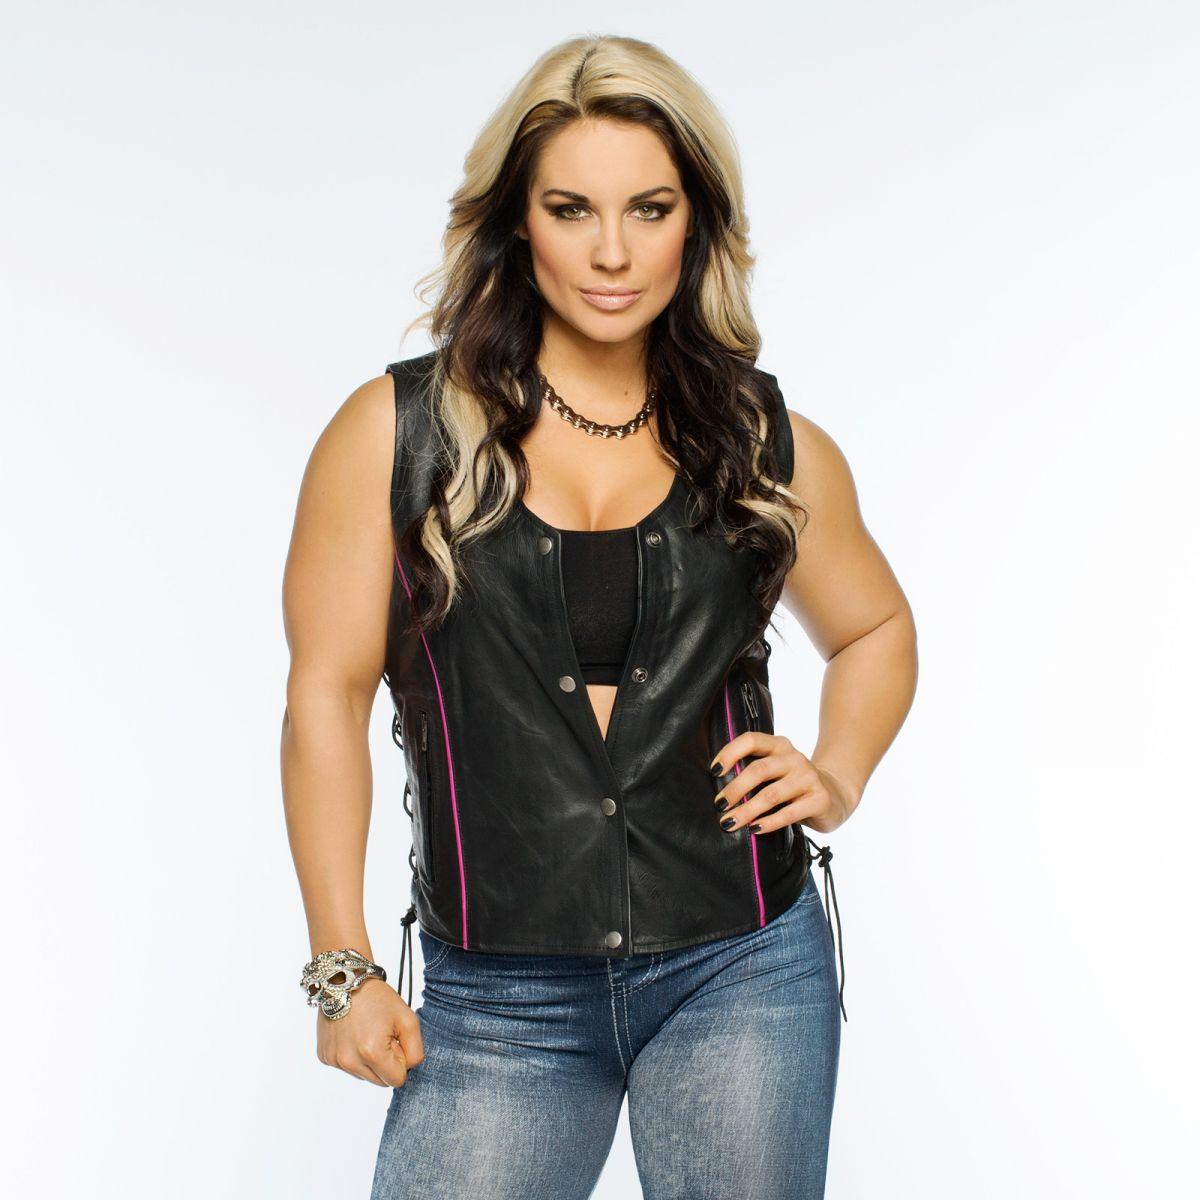 WWE - Kaitlyn - HawtCelebs - HawtCelebs